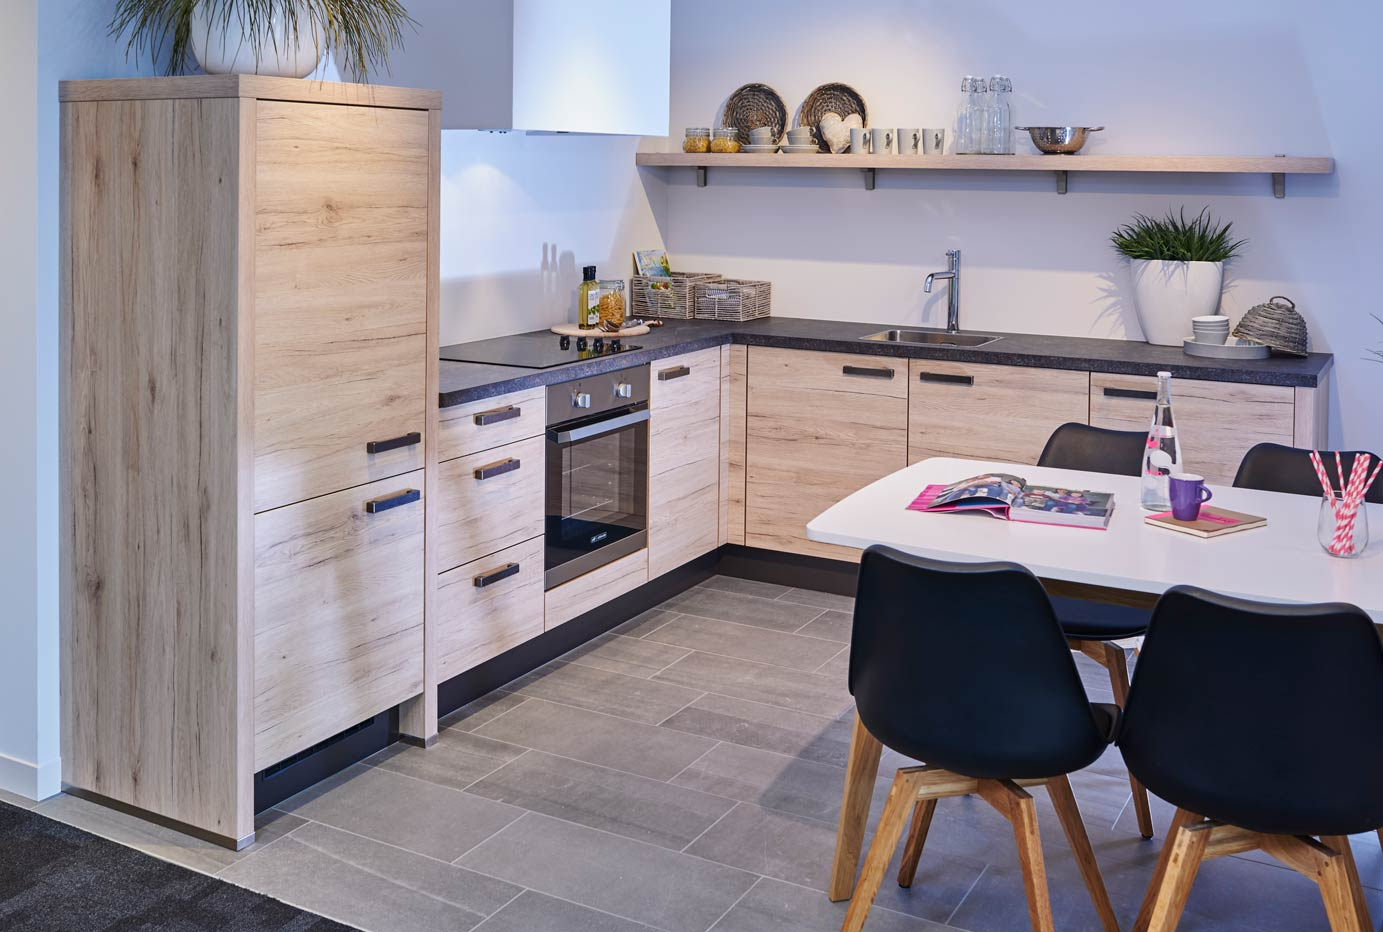 Goedkope Showroomkeukens : Onze goedkope keukens hoge kwaliteit voor lage prijzen